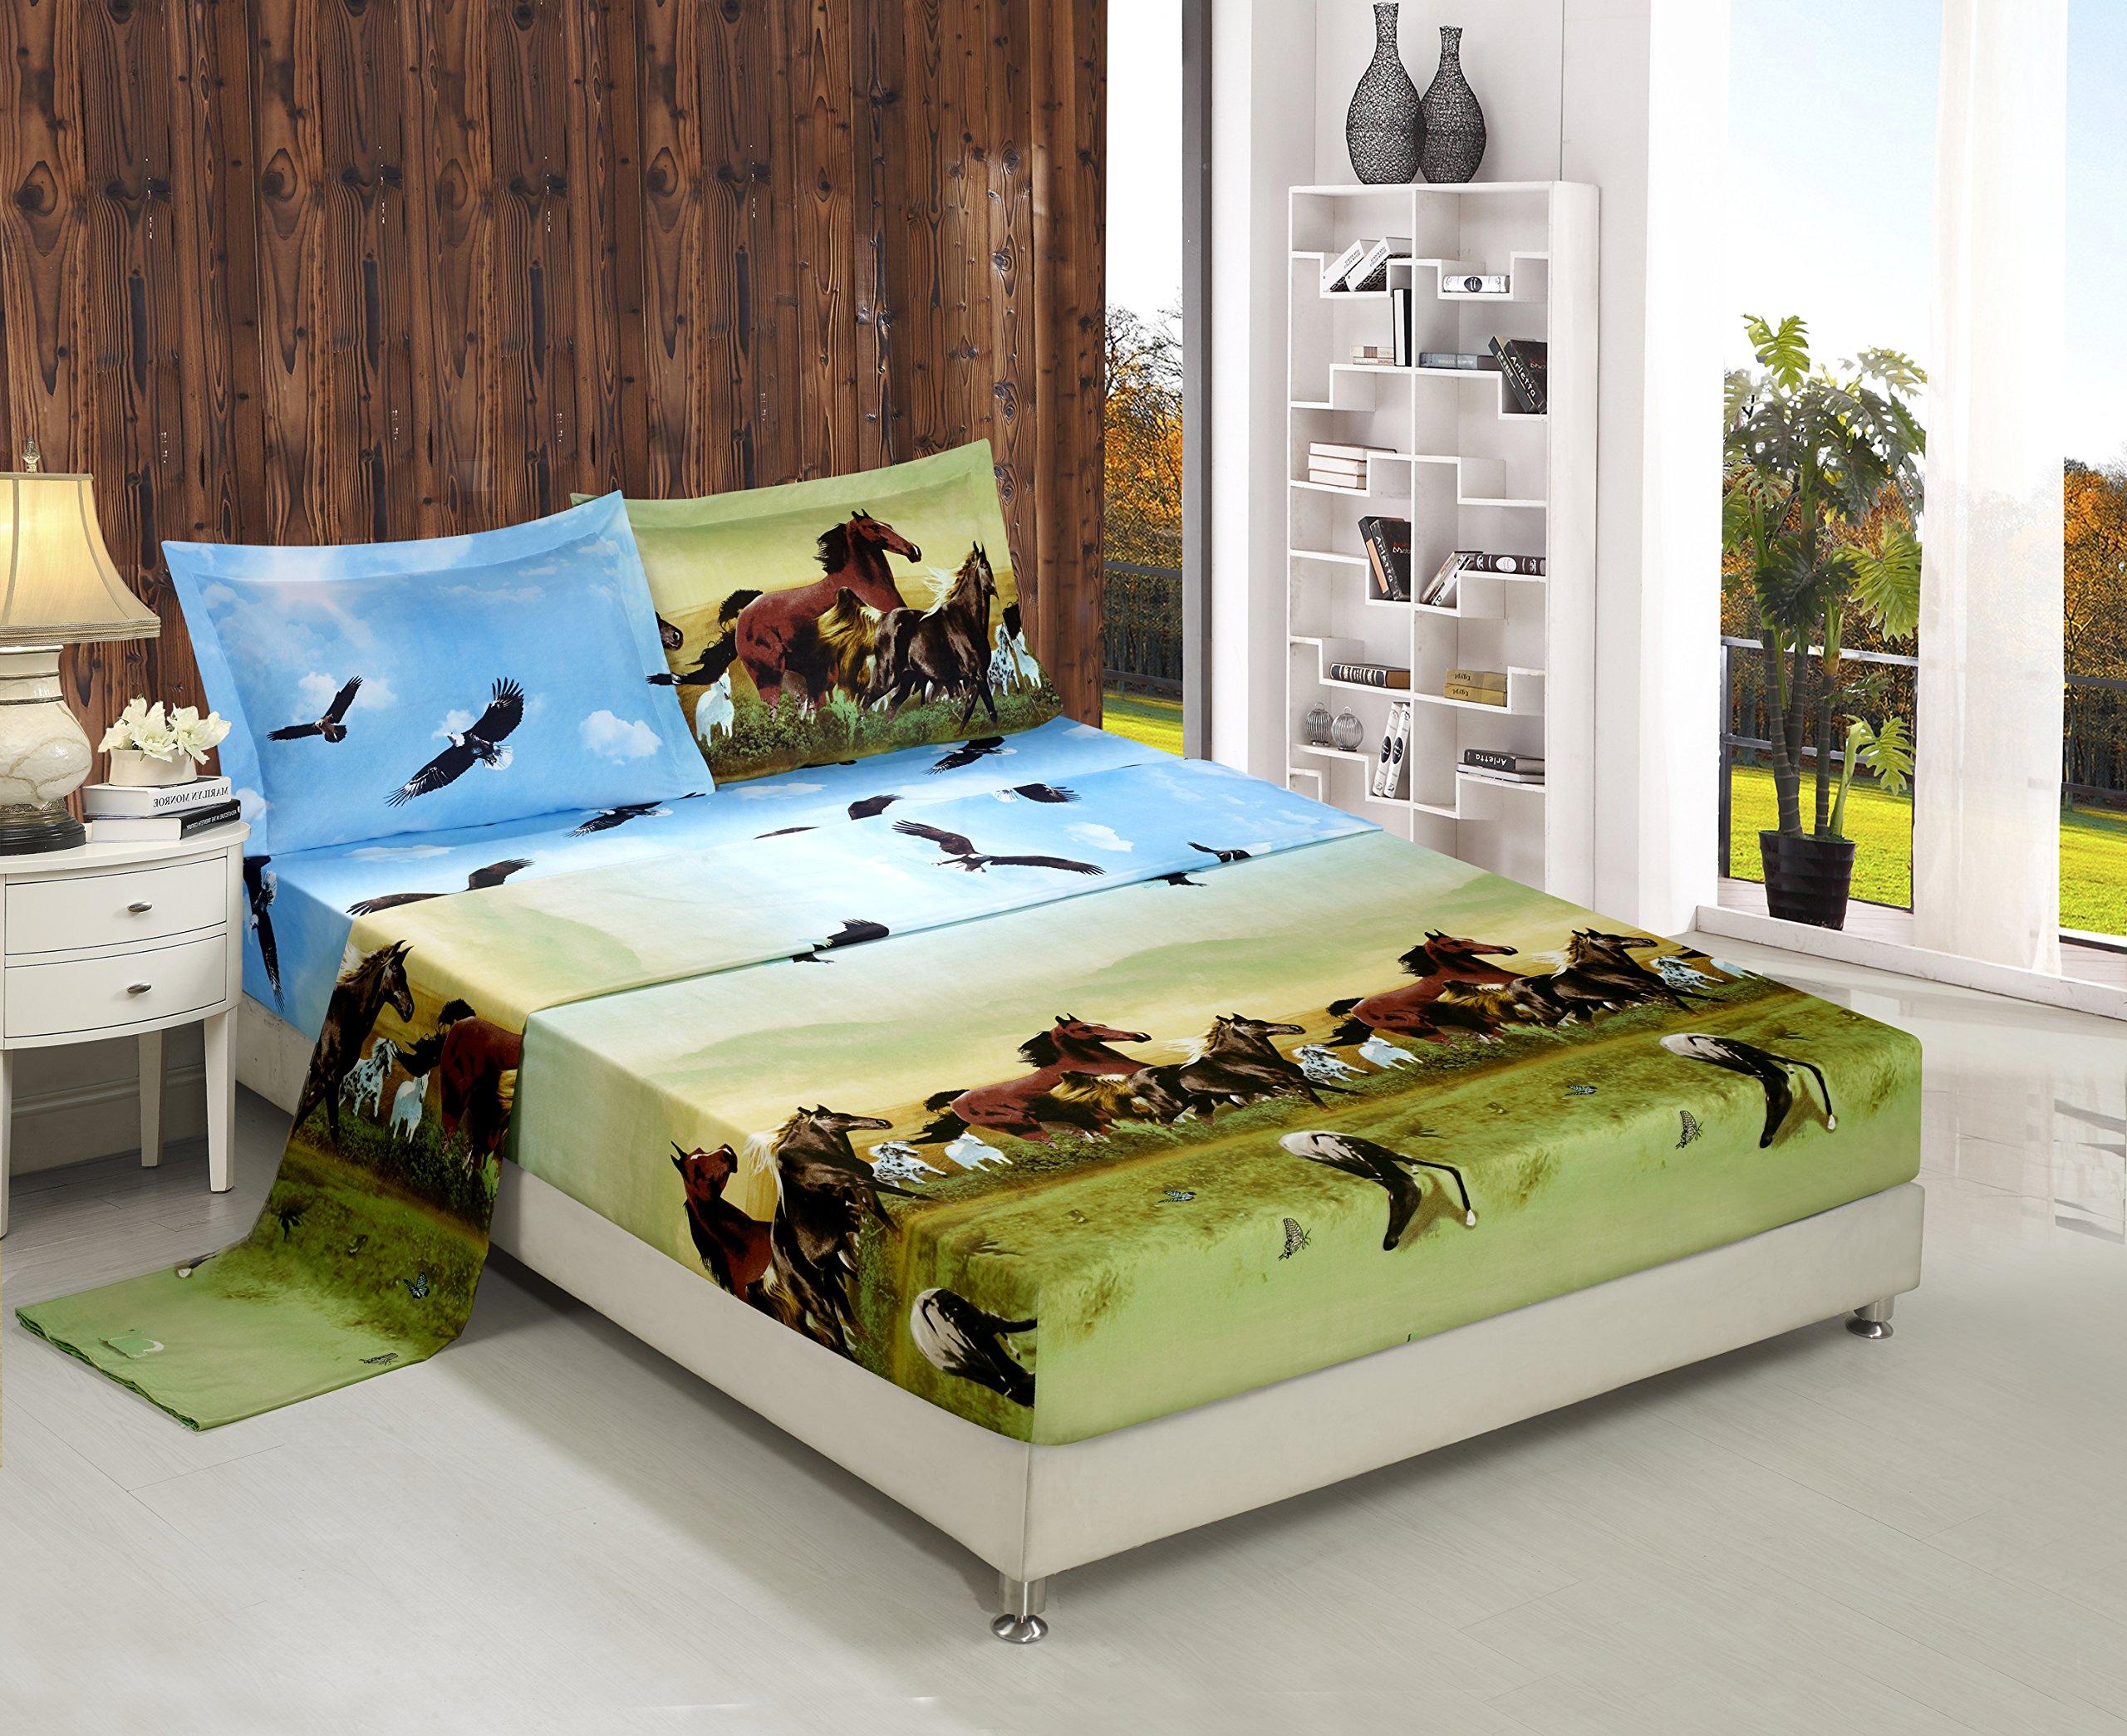 Bednlinens Luxury 4 Piece Sheet Set 3d Print Queen Size (HORSE-Y25)